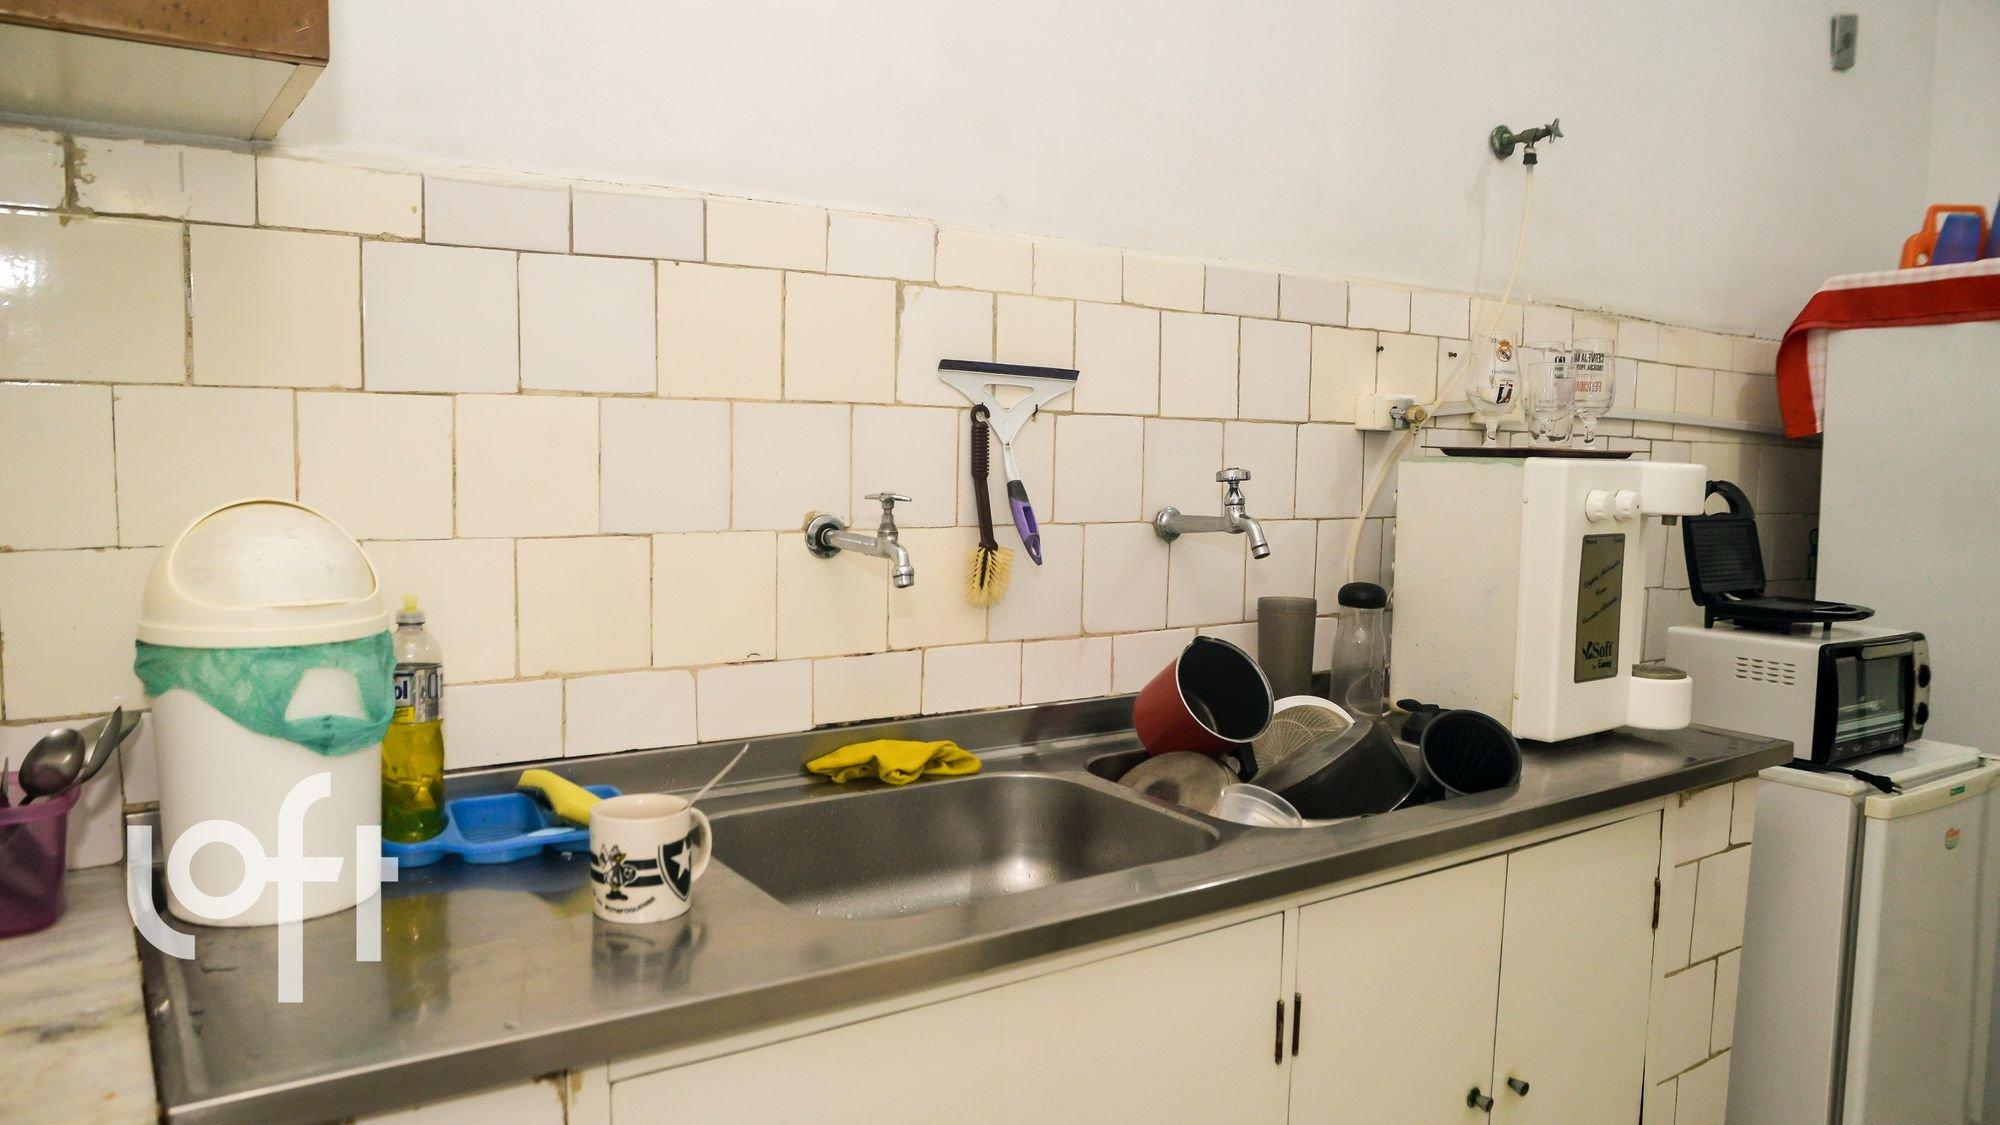 Foto de Lavanderia com garrafa, tigela, geladeira, pia, microondas, xícara